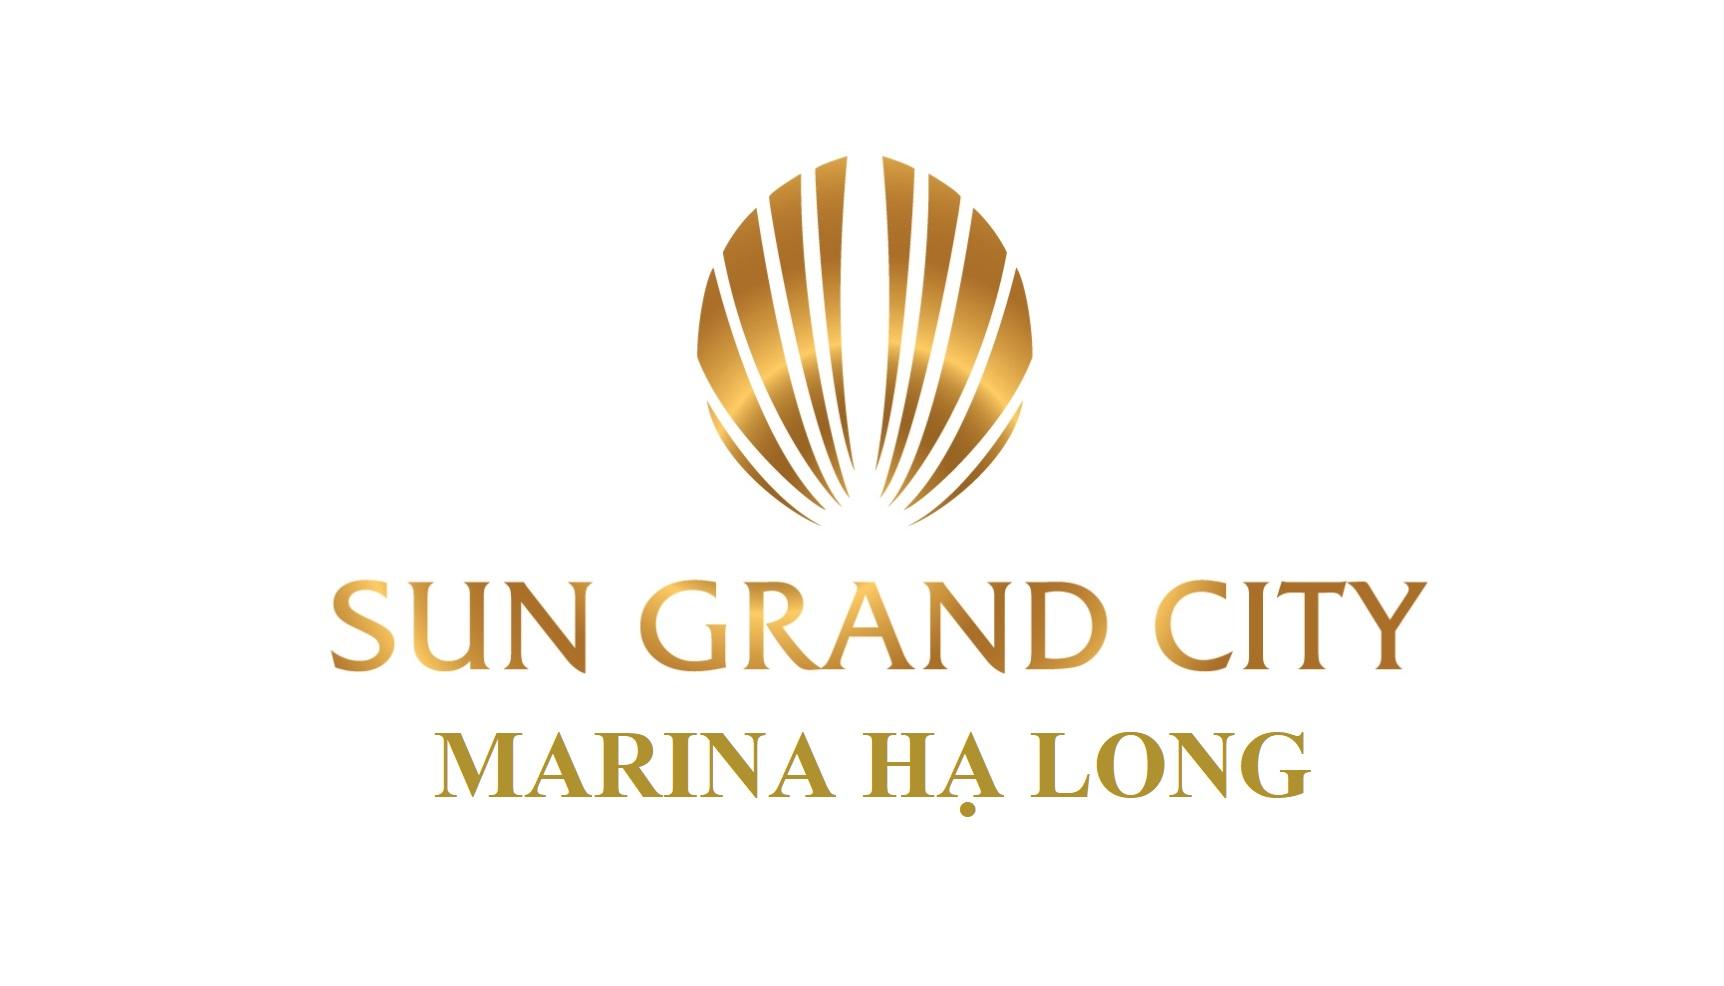 Căn hộ chung cư và Shophouse Marina bãi cháy hạ long